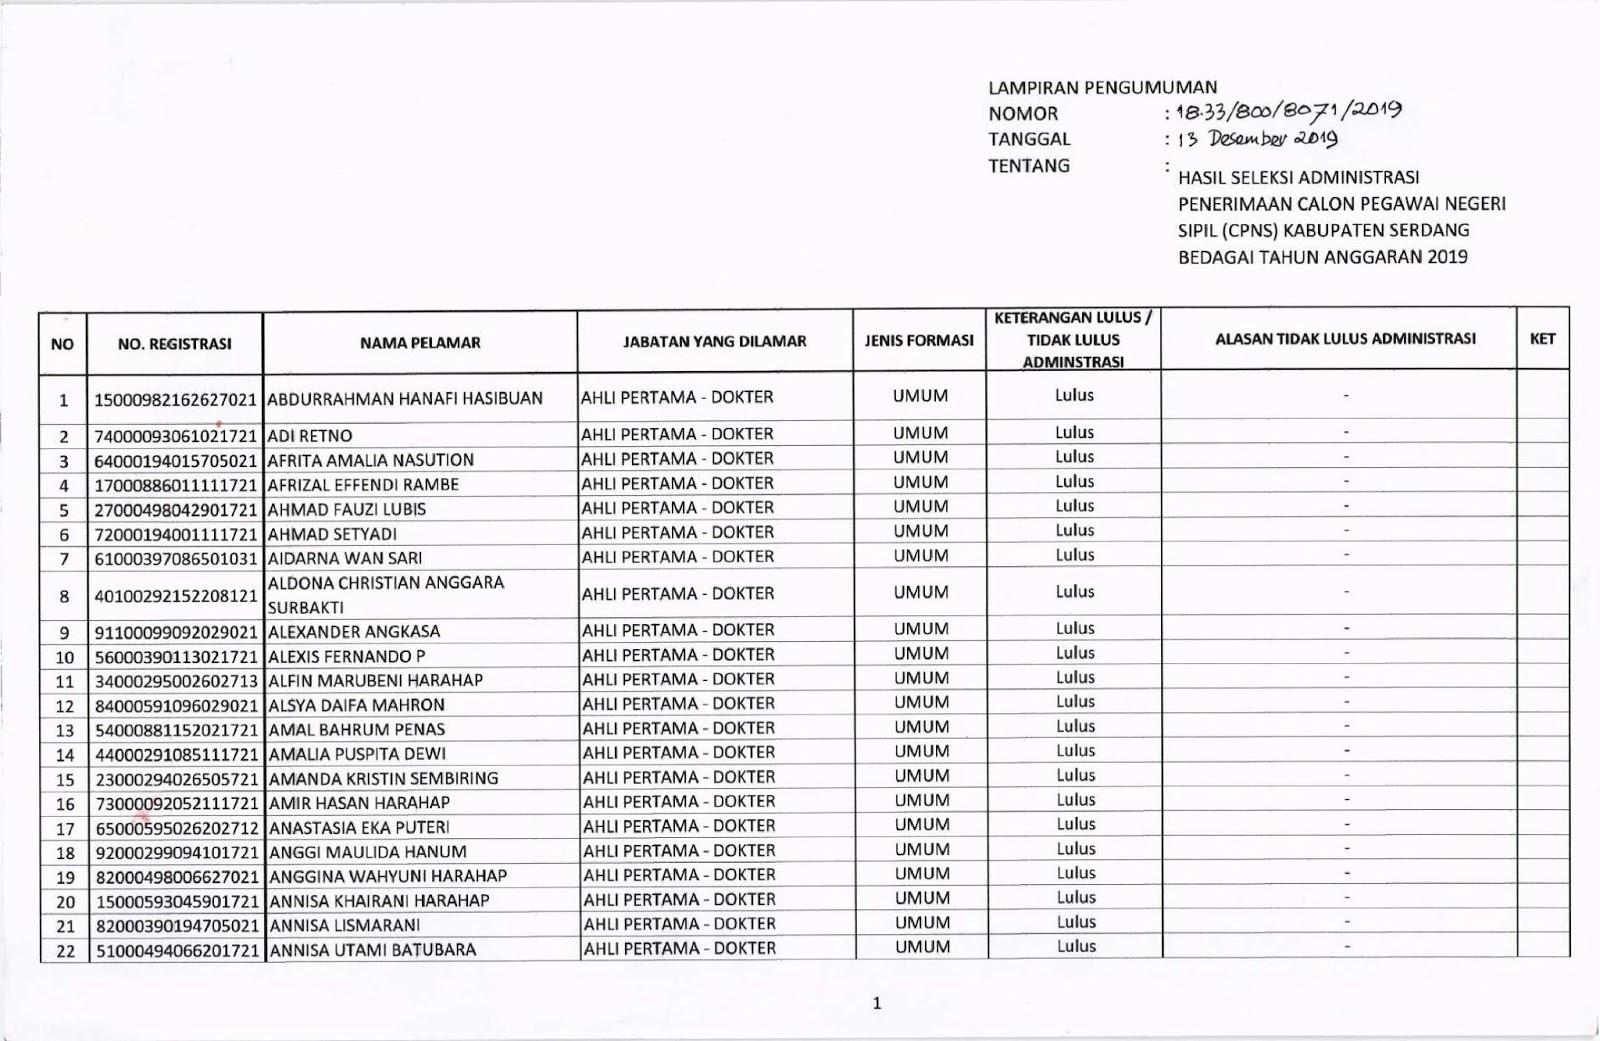 Hasil Seleksi Administrasi Penerimaan CPNS Kabupaten Serdang Bedagai Tahun Anggaran 2019